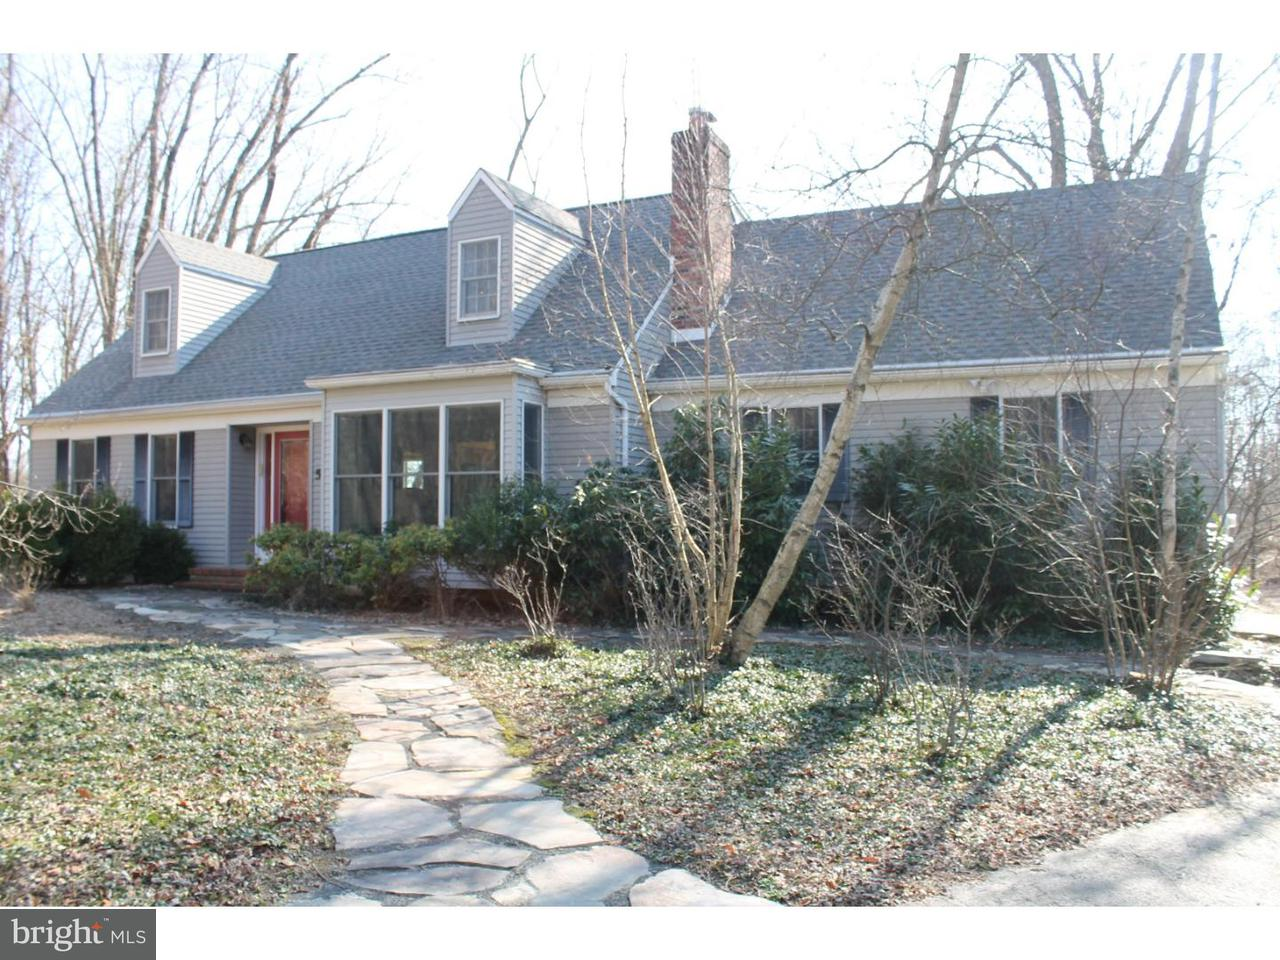 独户住宅 为 销售 在 5 ELEANOR Lane Roosevelt, 新泽西州 08555 美国